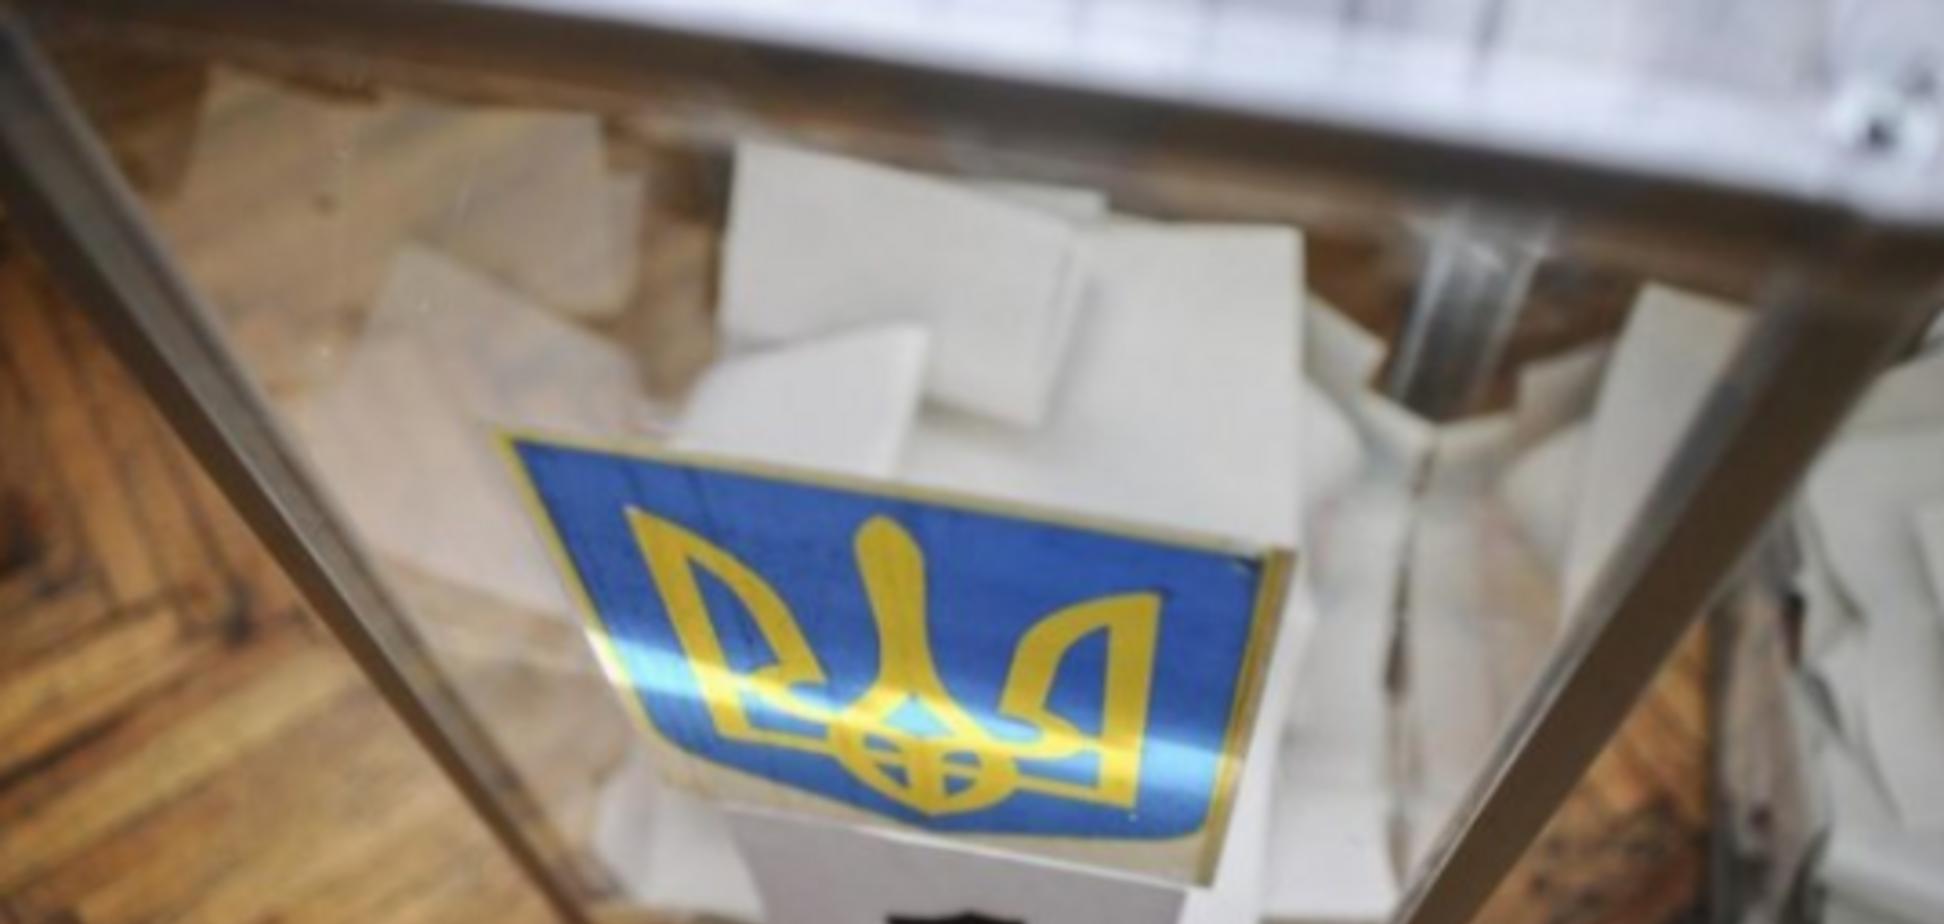 Дострокові вибори в Києві: стало відомо про важливий нюанс